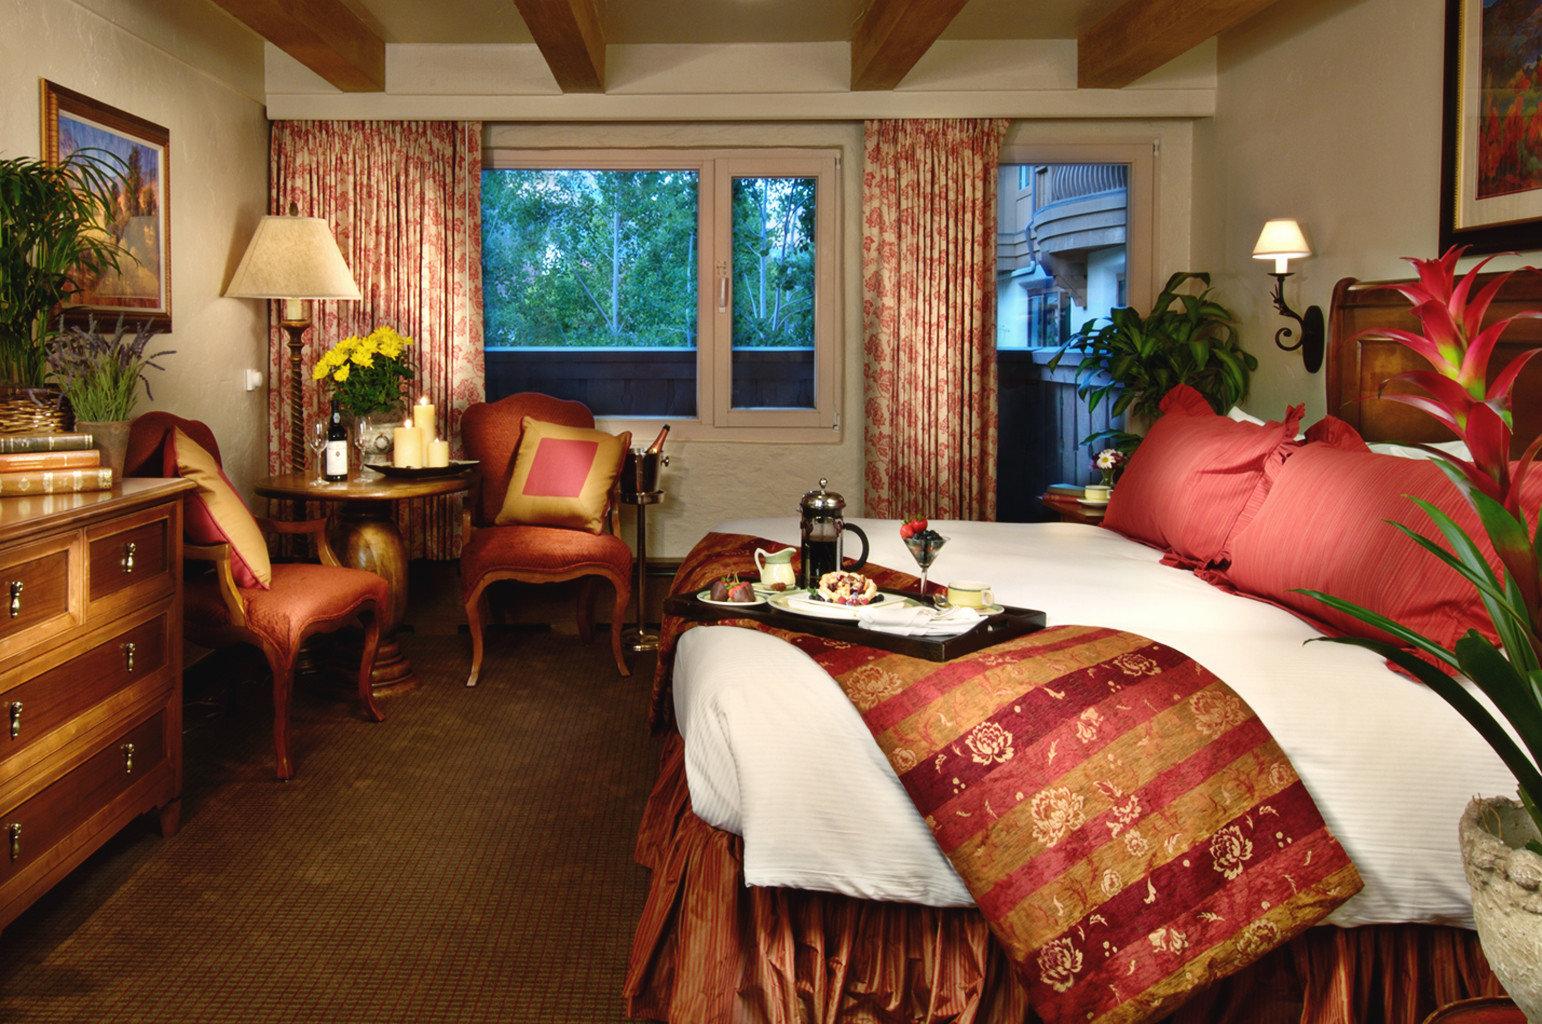 sofa property home Bedroom living room cottage Suite bed sheet Resort Villa